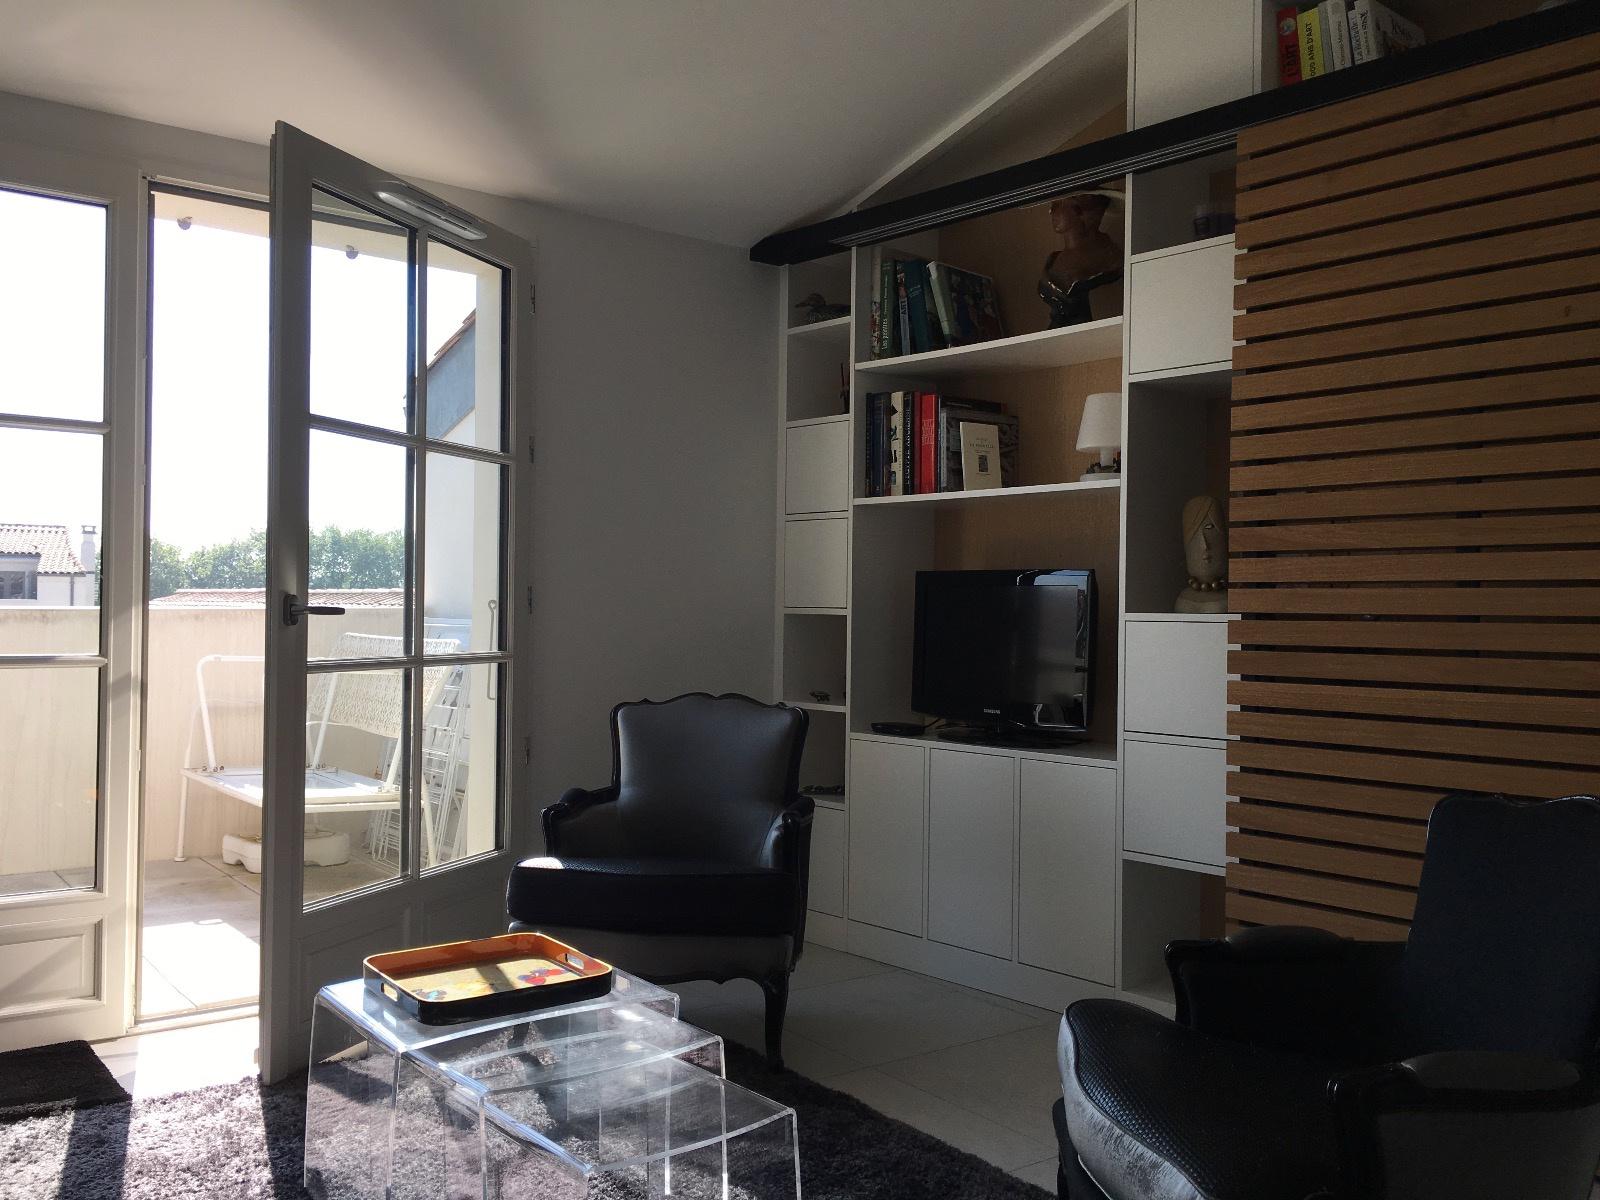 appartement la rochelle LA ROCHELLE - ENTRE GARE ET MARCHE CENTRAL.